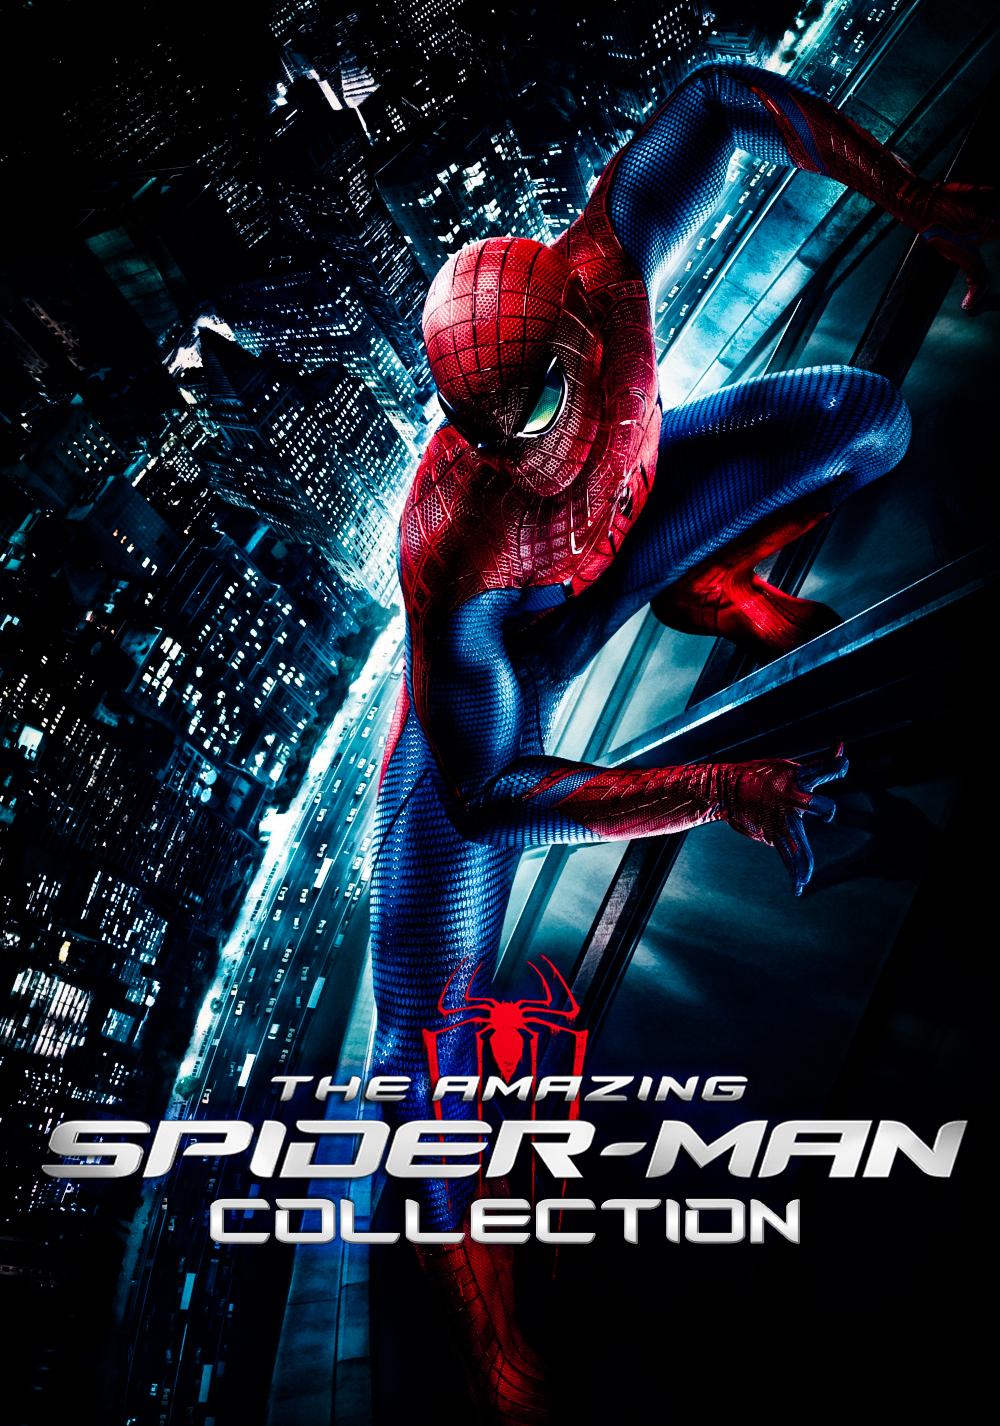 The Amazing Spider-Man Collection | Movie fanart | fanart.tv